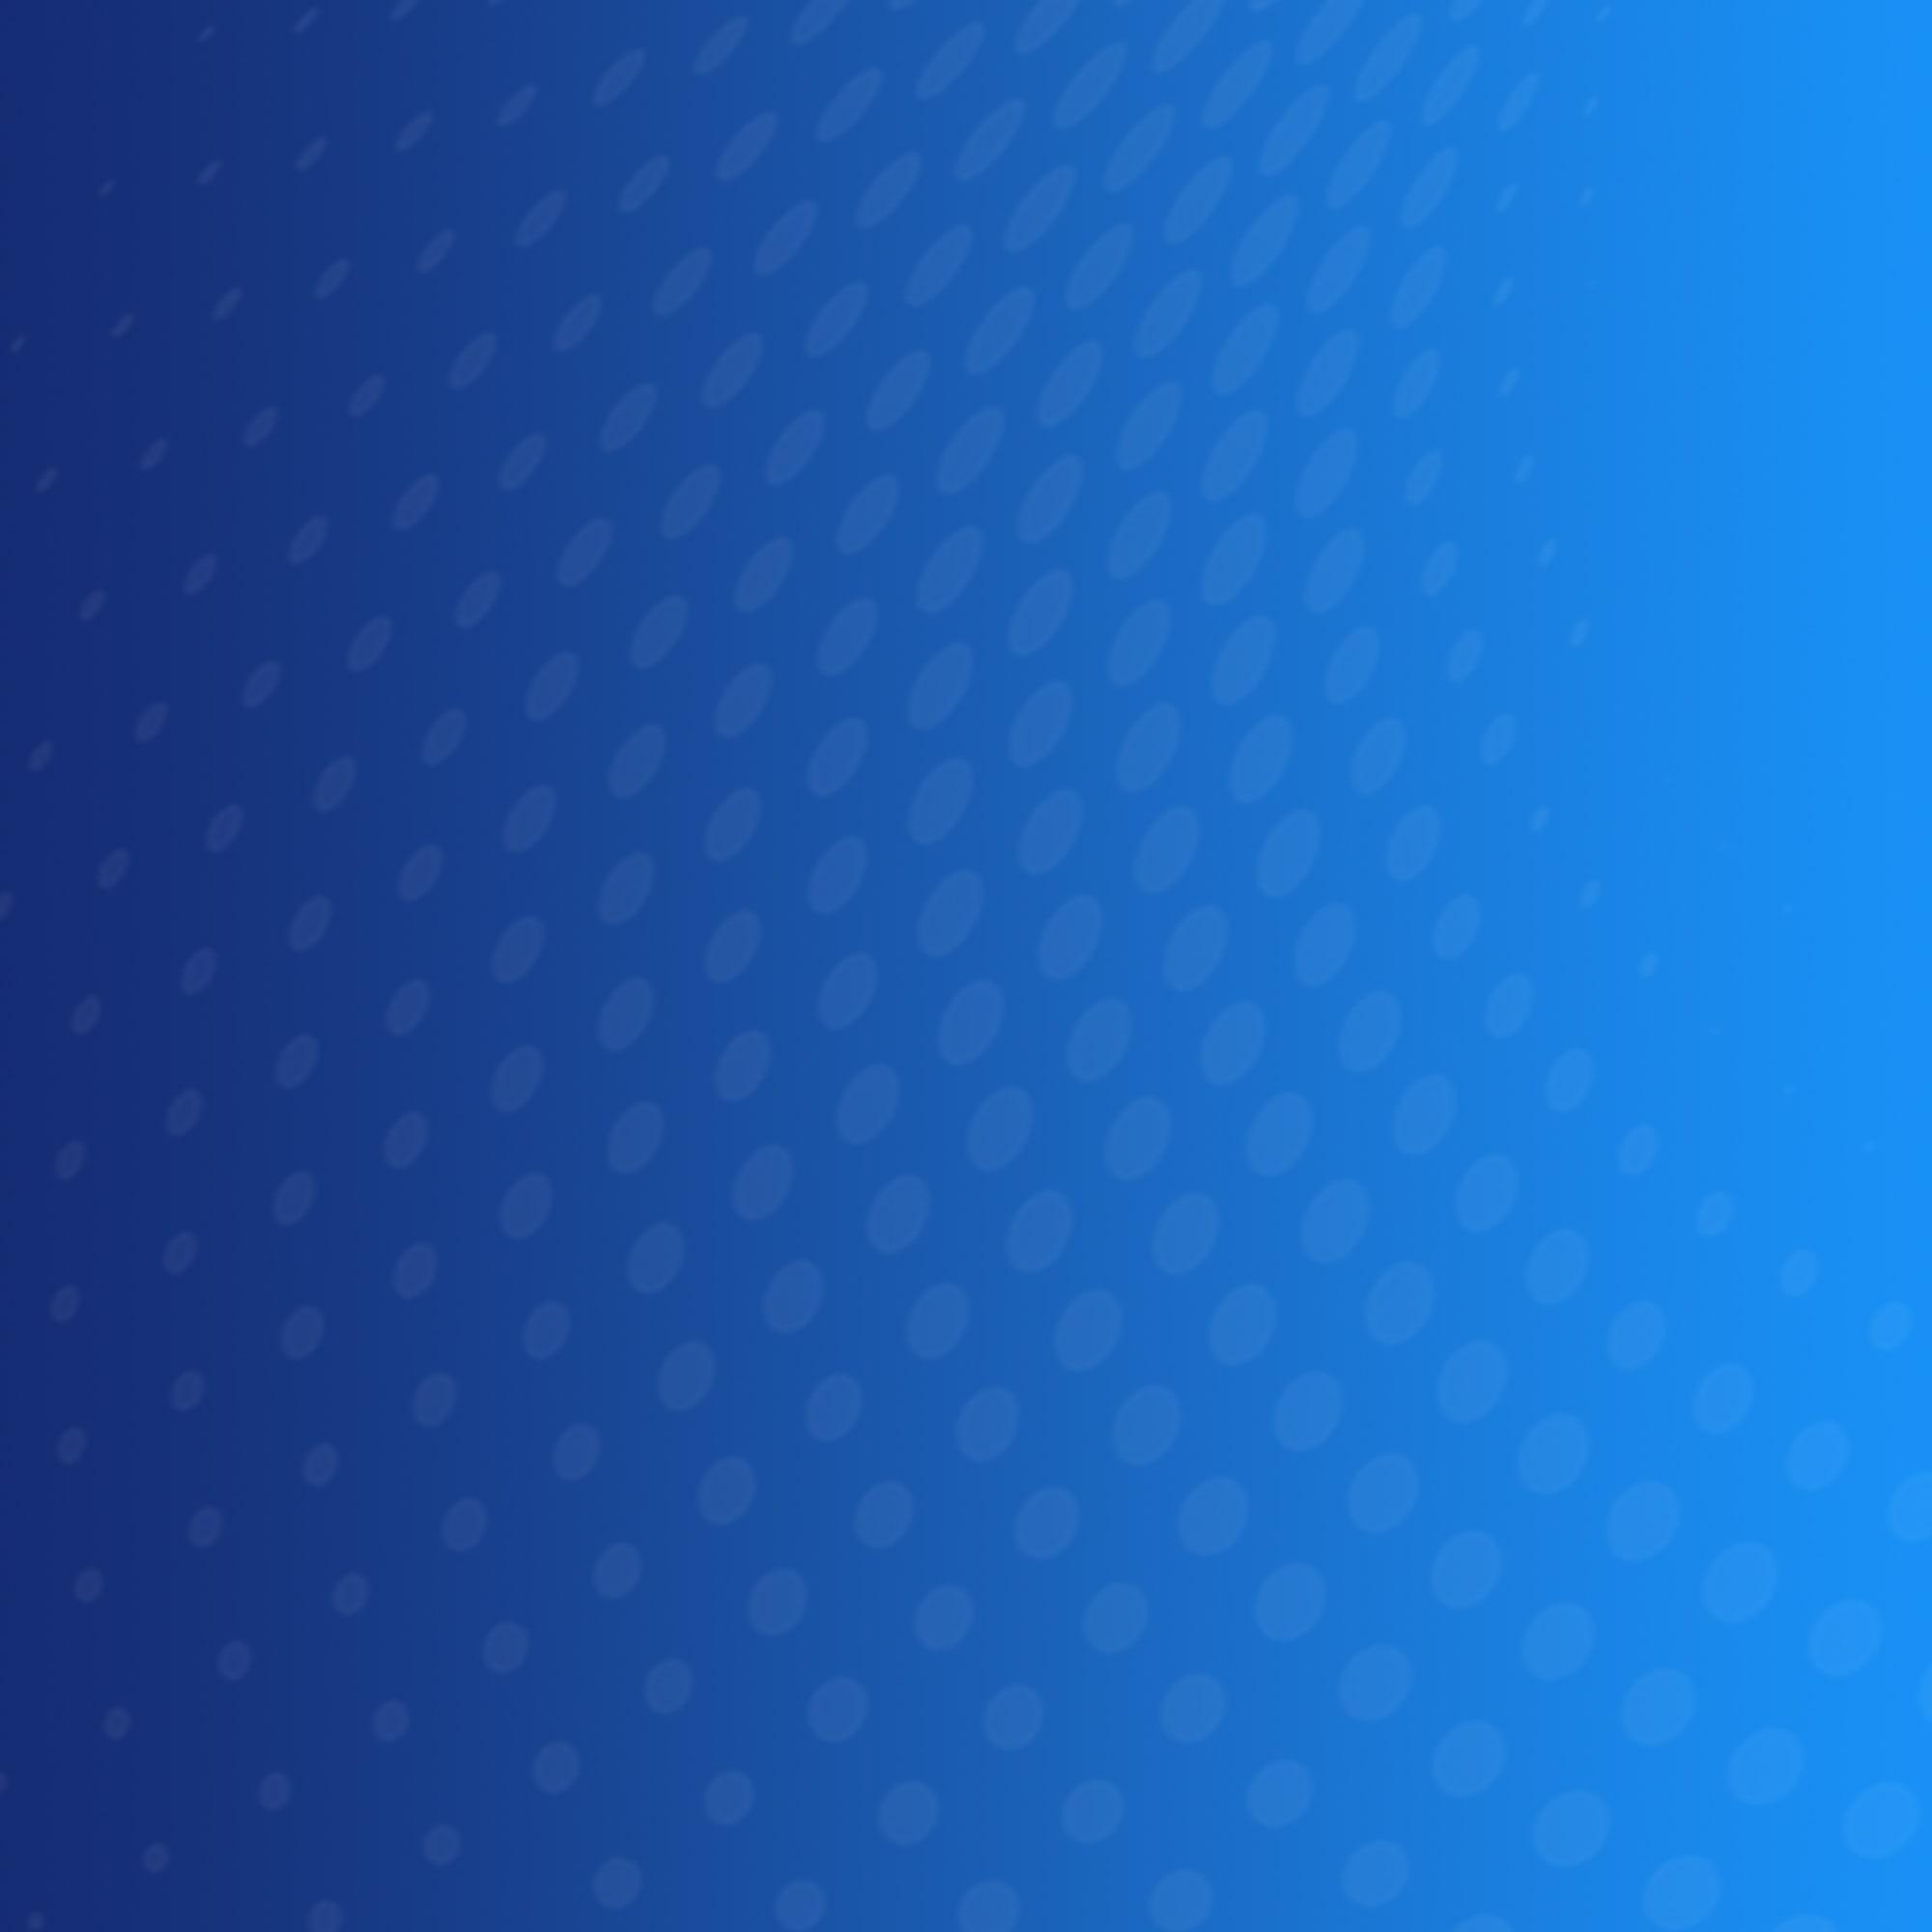 carrier-blue-gradient-dots-mobile